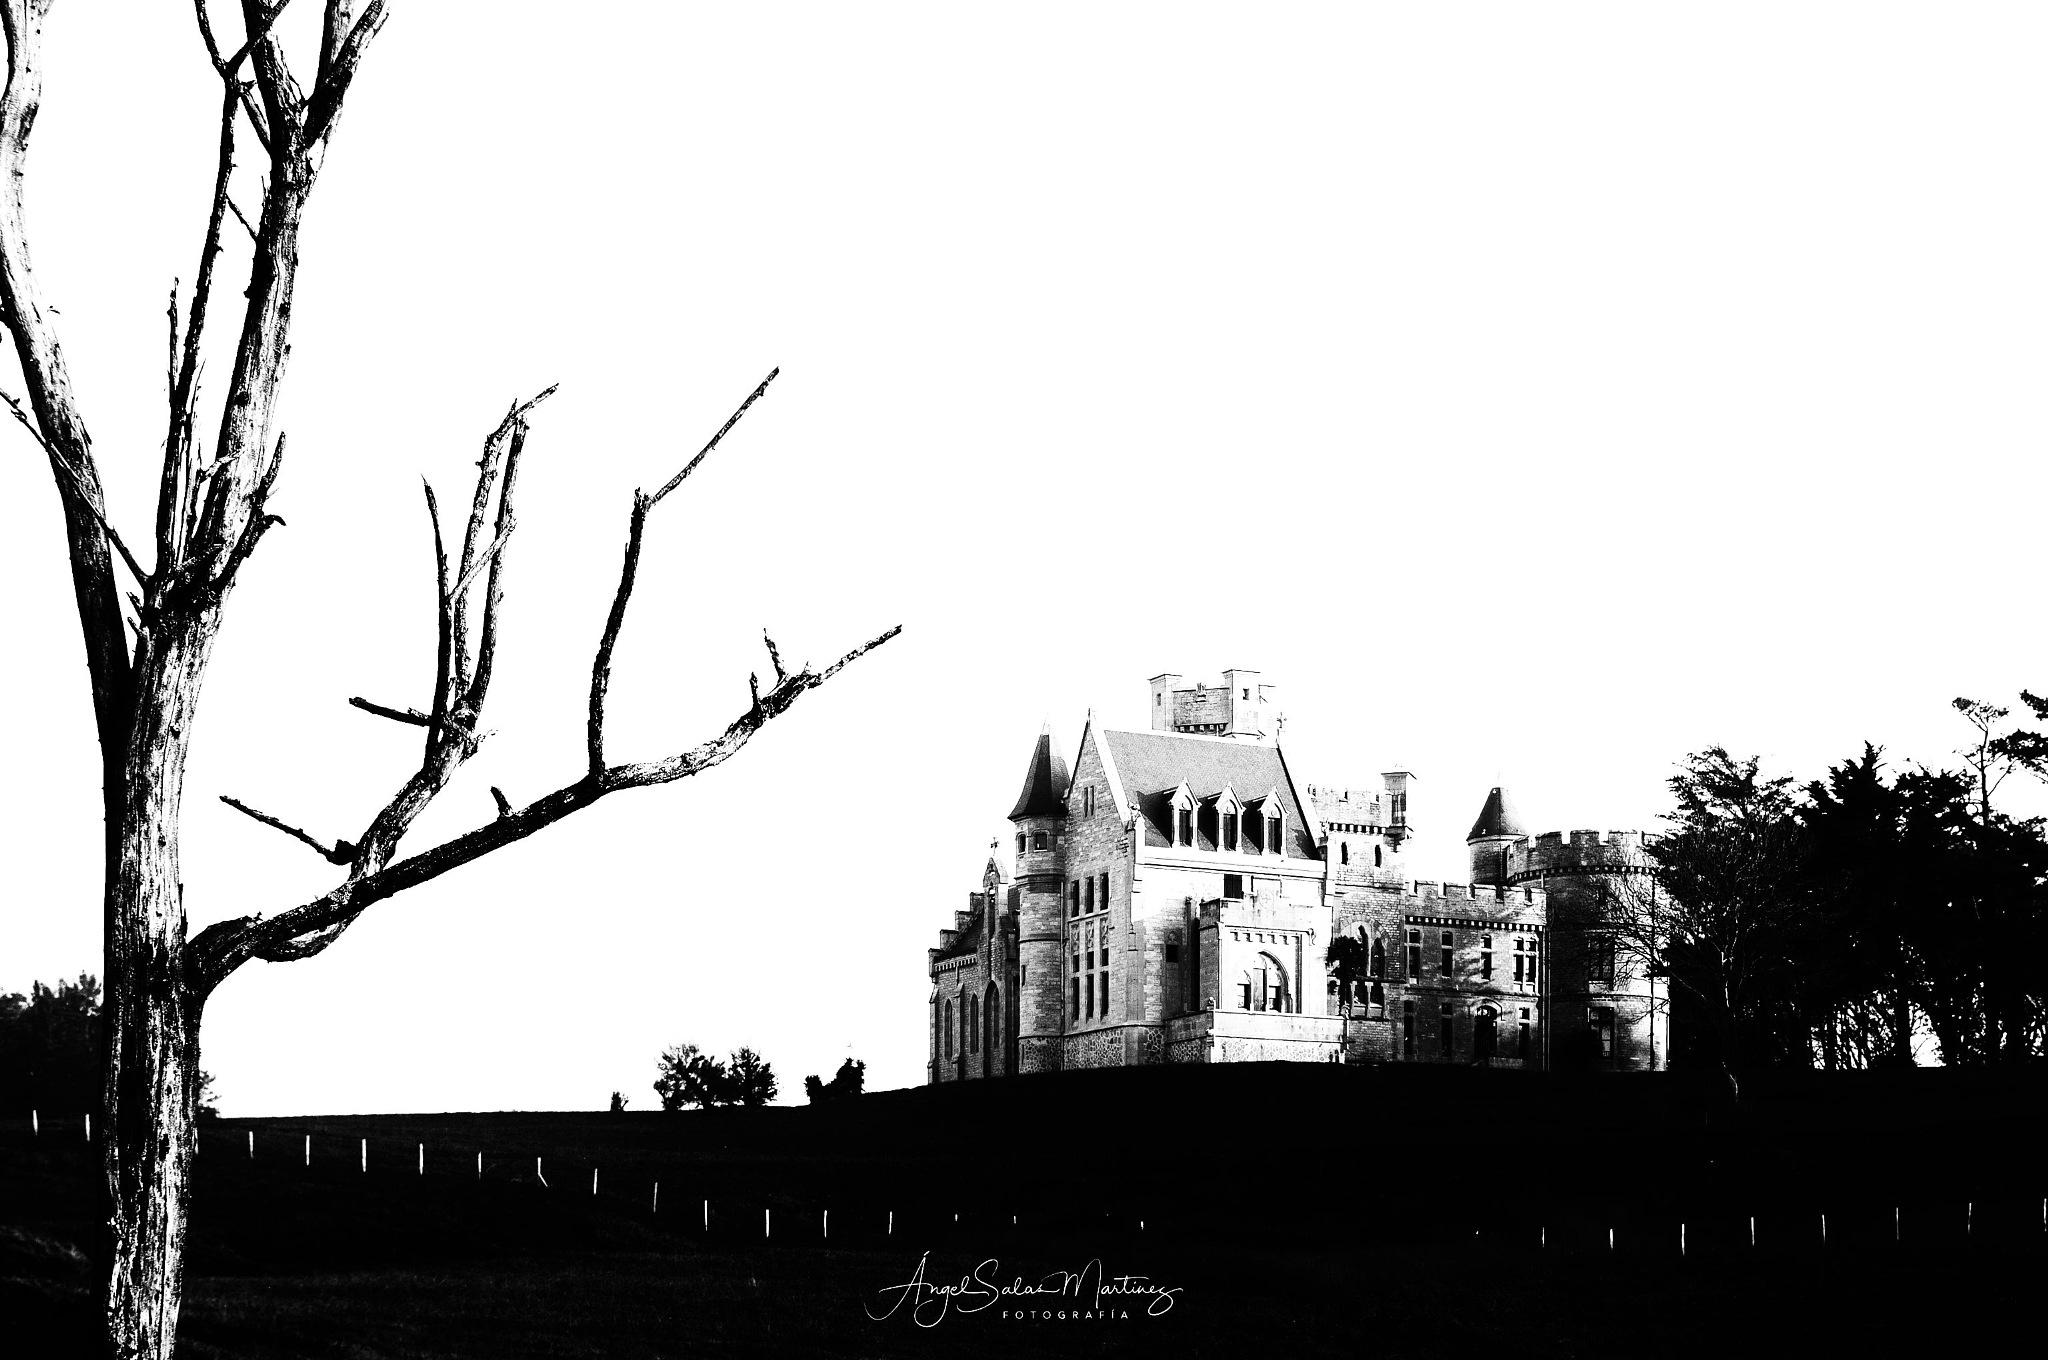 Castle by Ángel Salas Martínez